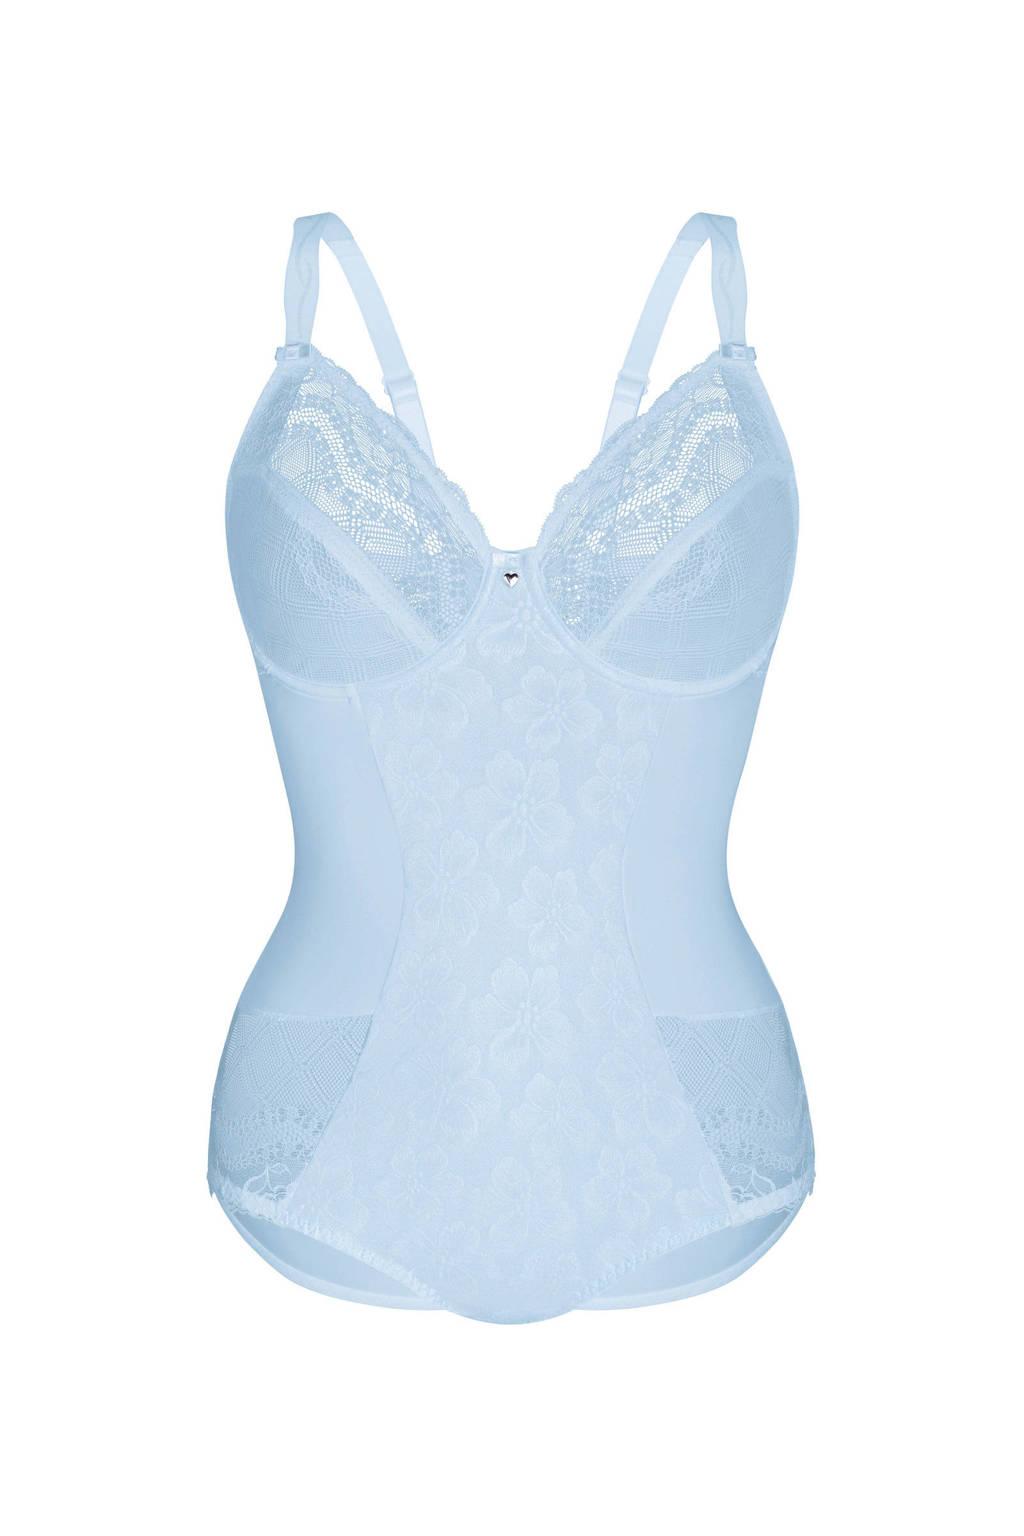 Sassa Mode corrigerende body Exciting Day lichtblauw, Lichtblauw